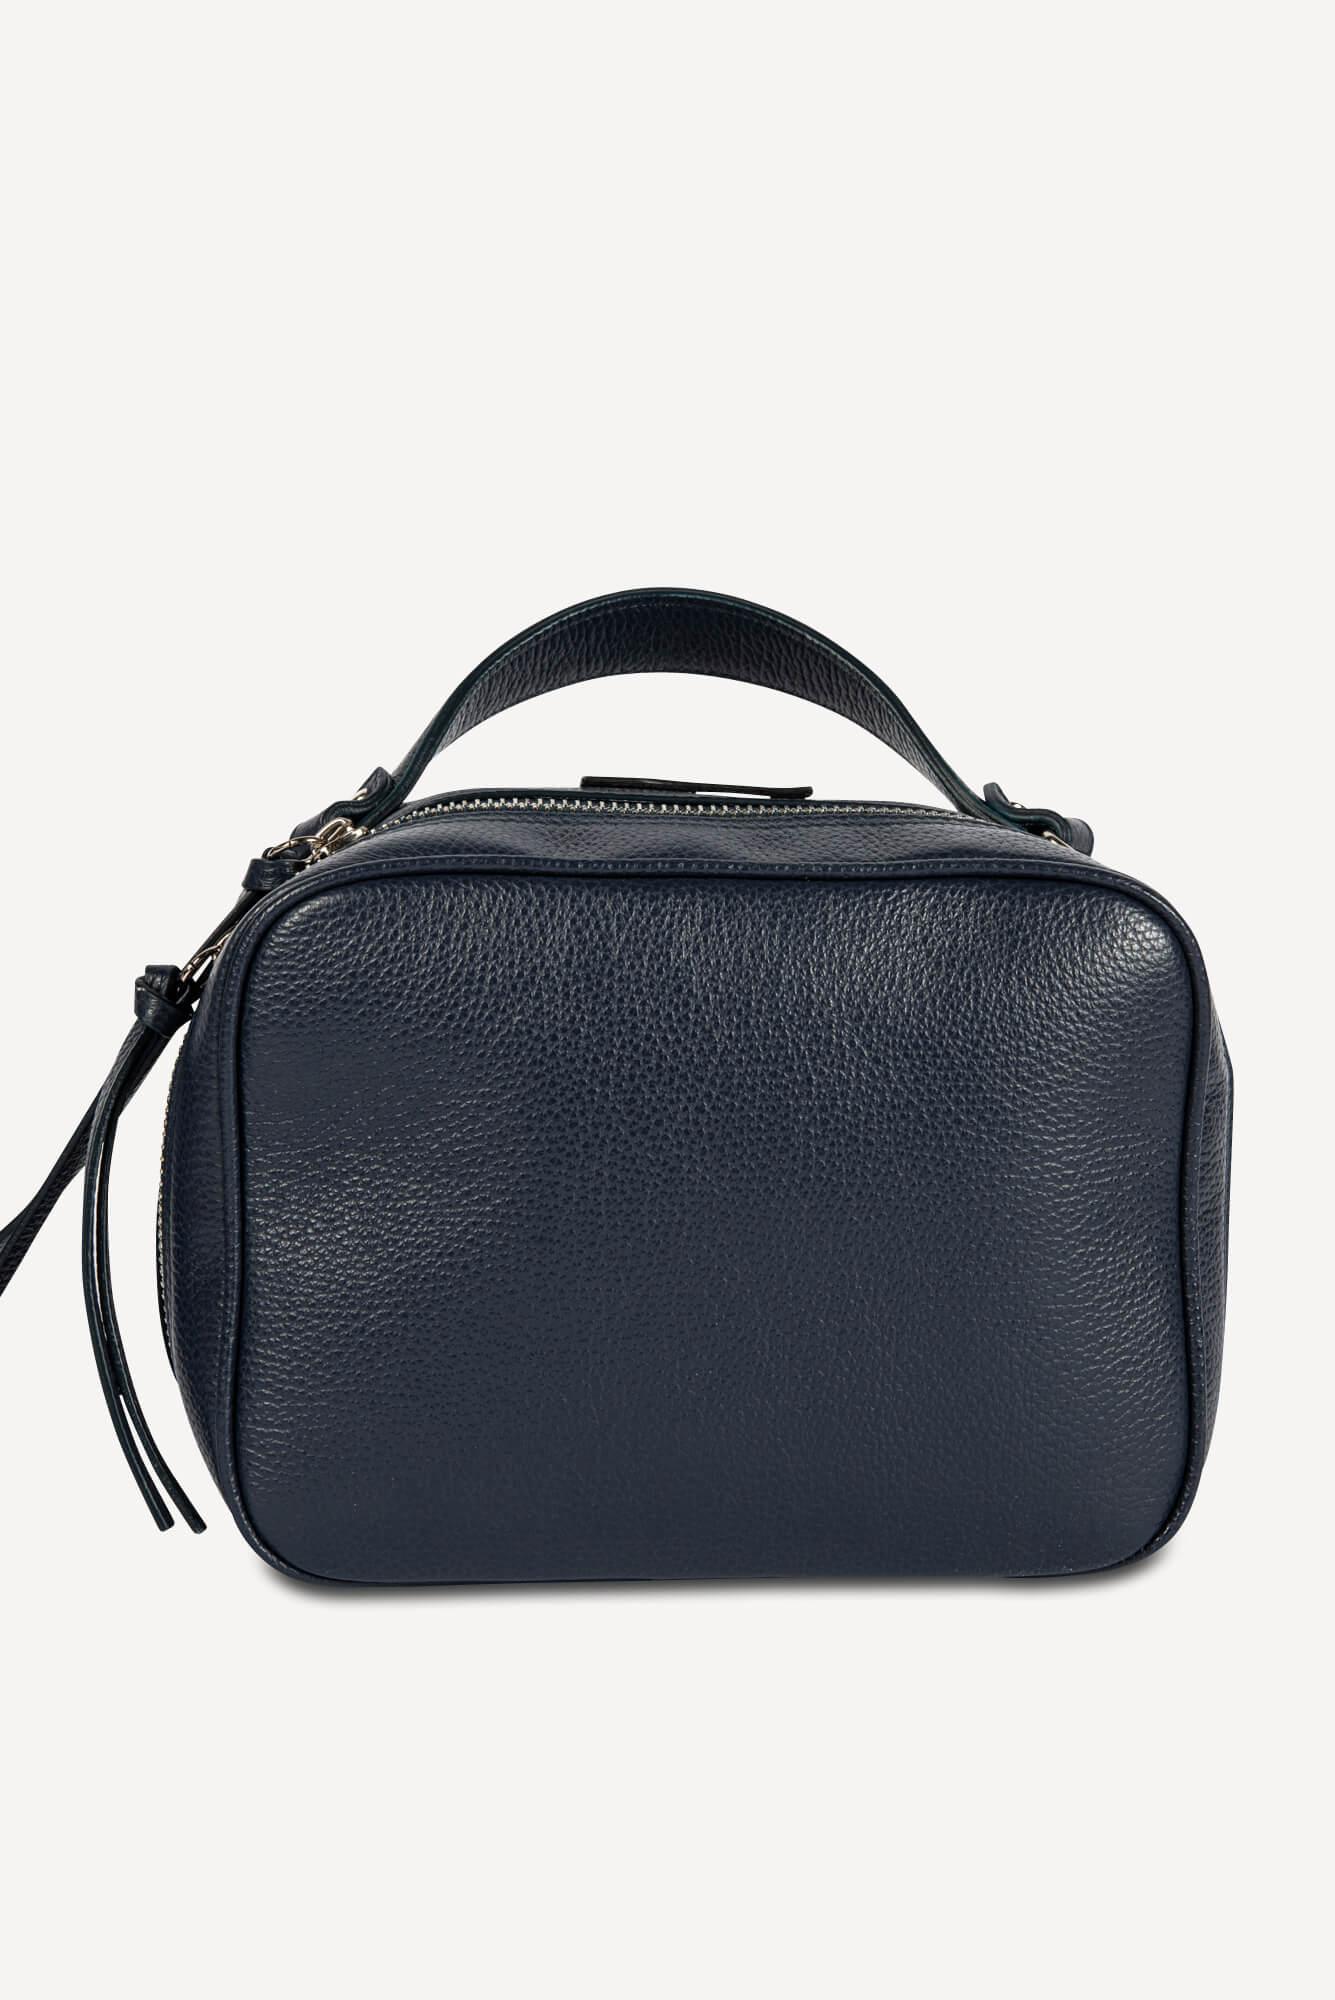 Tasche Valigetta, klein, dunkelblau